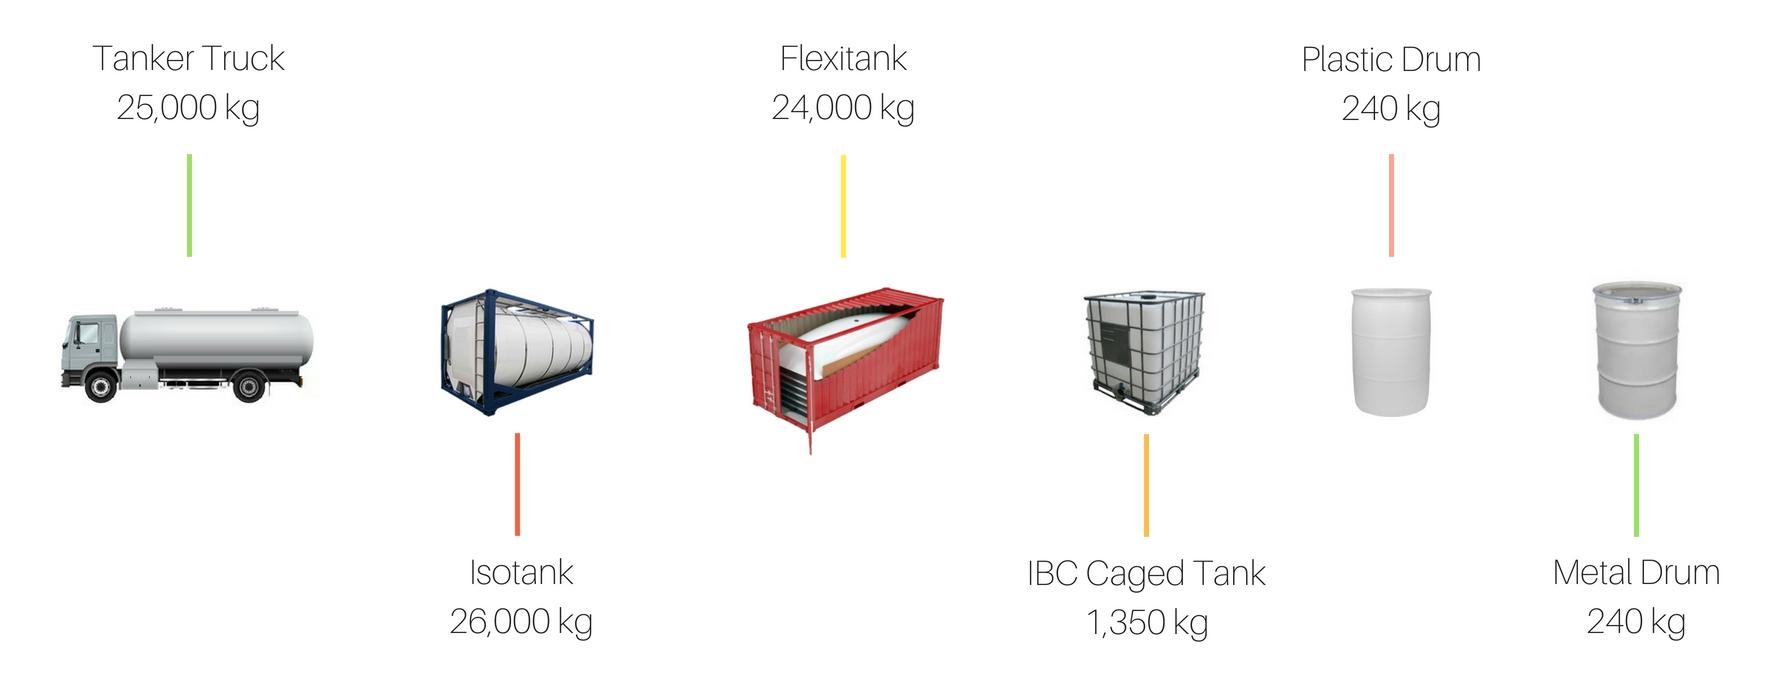 lcg packaging